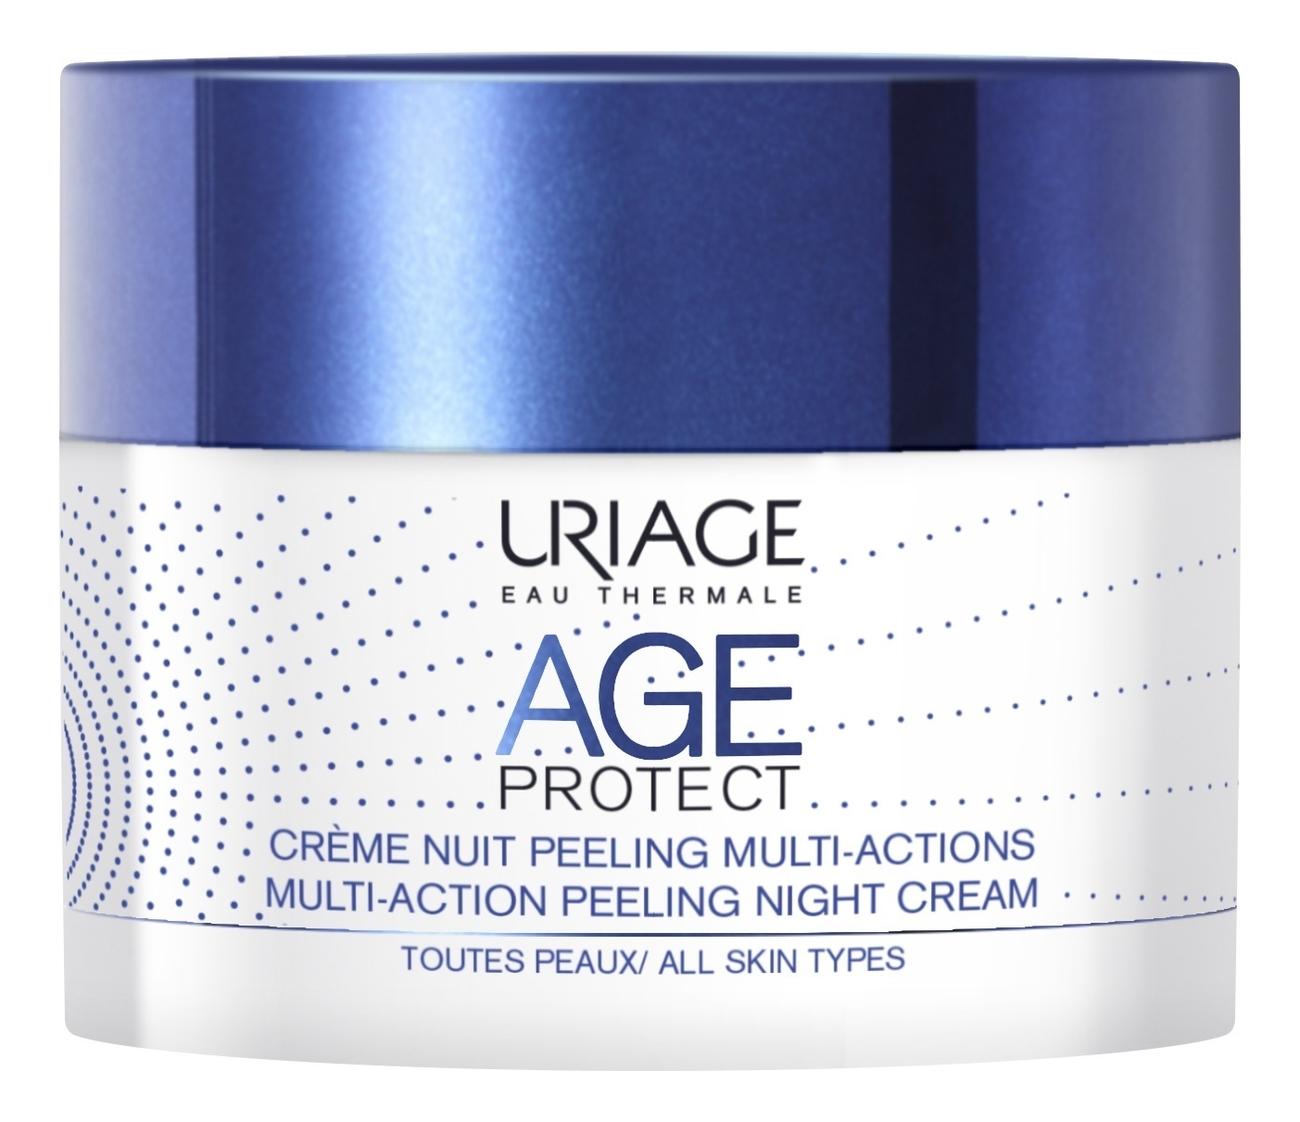 Многофункциональный ночной крем-пилинг для лица Age Protect Multi-Action Peeling Night Cream 50мл виши пилинг ночной idealia